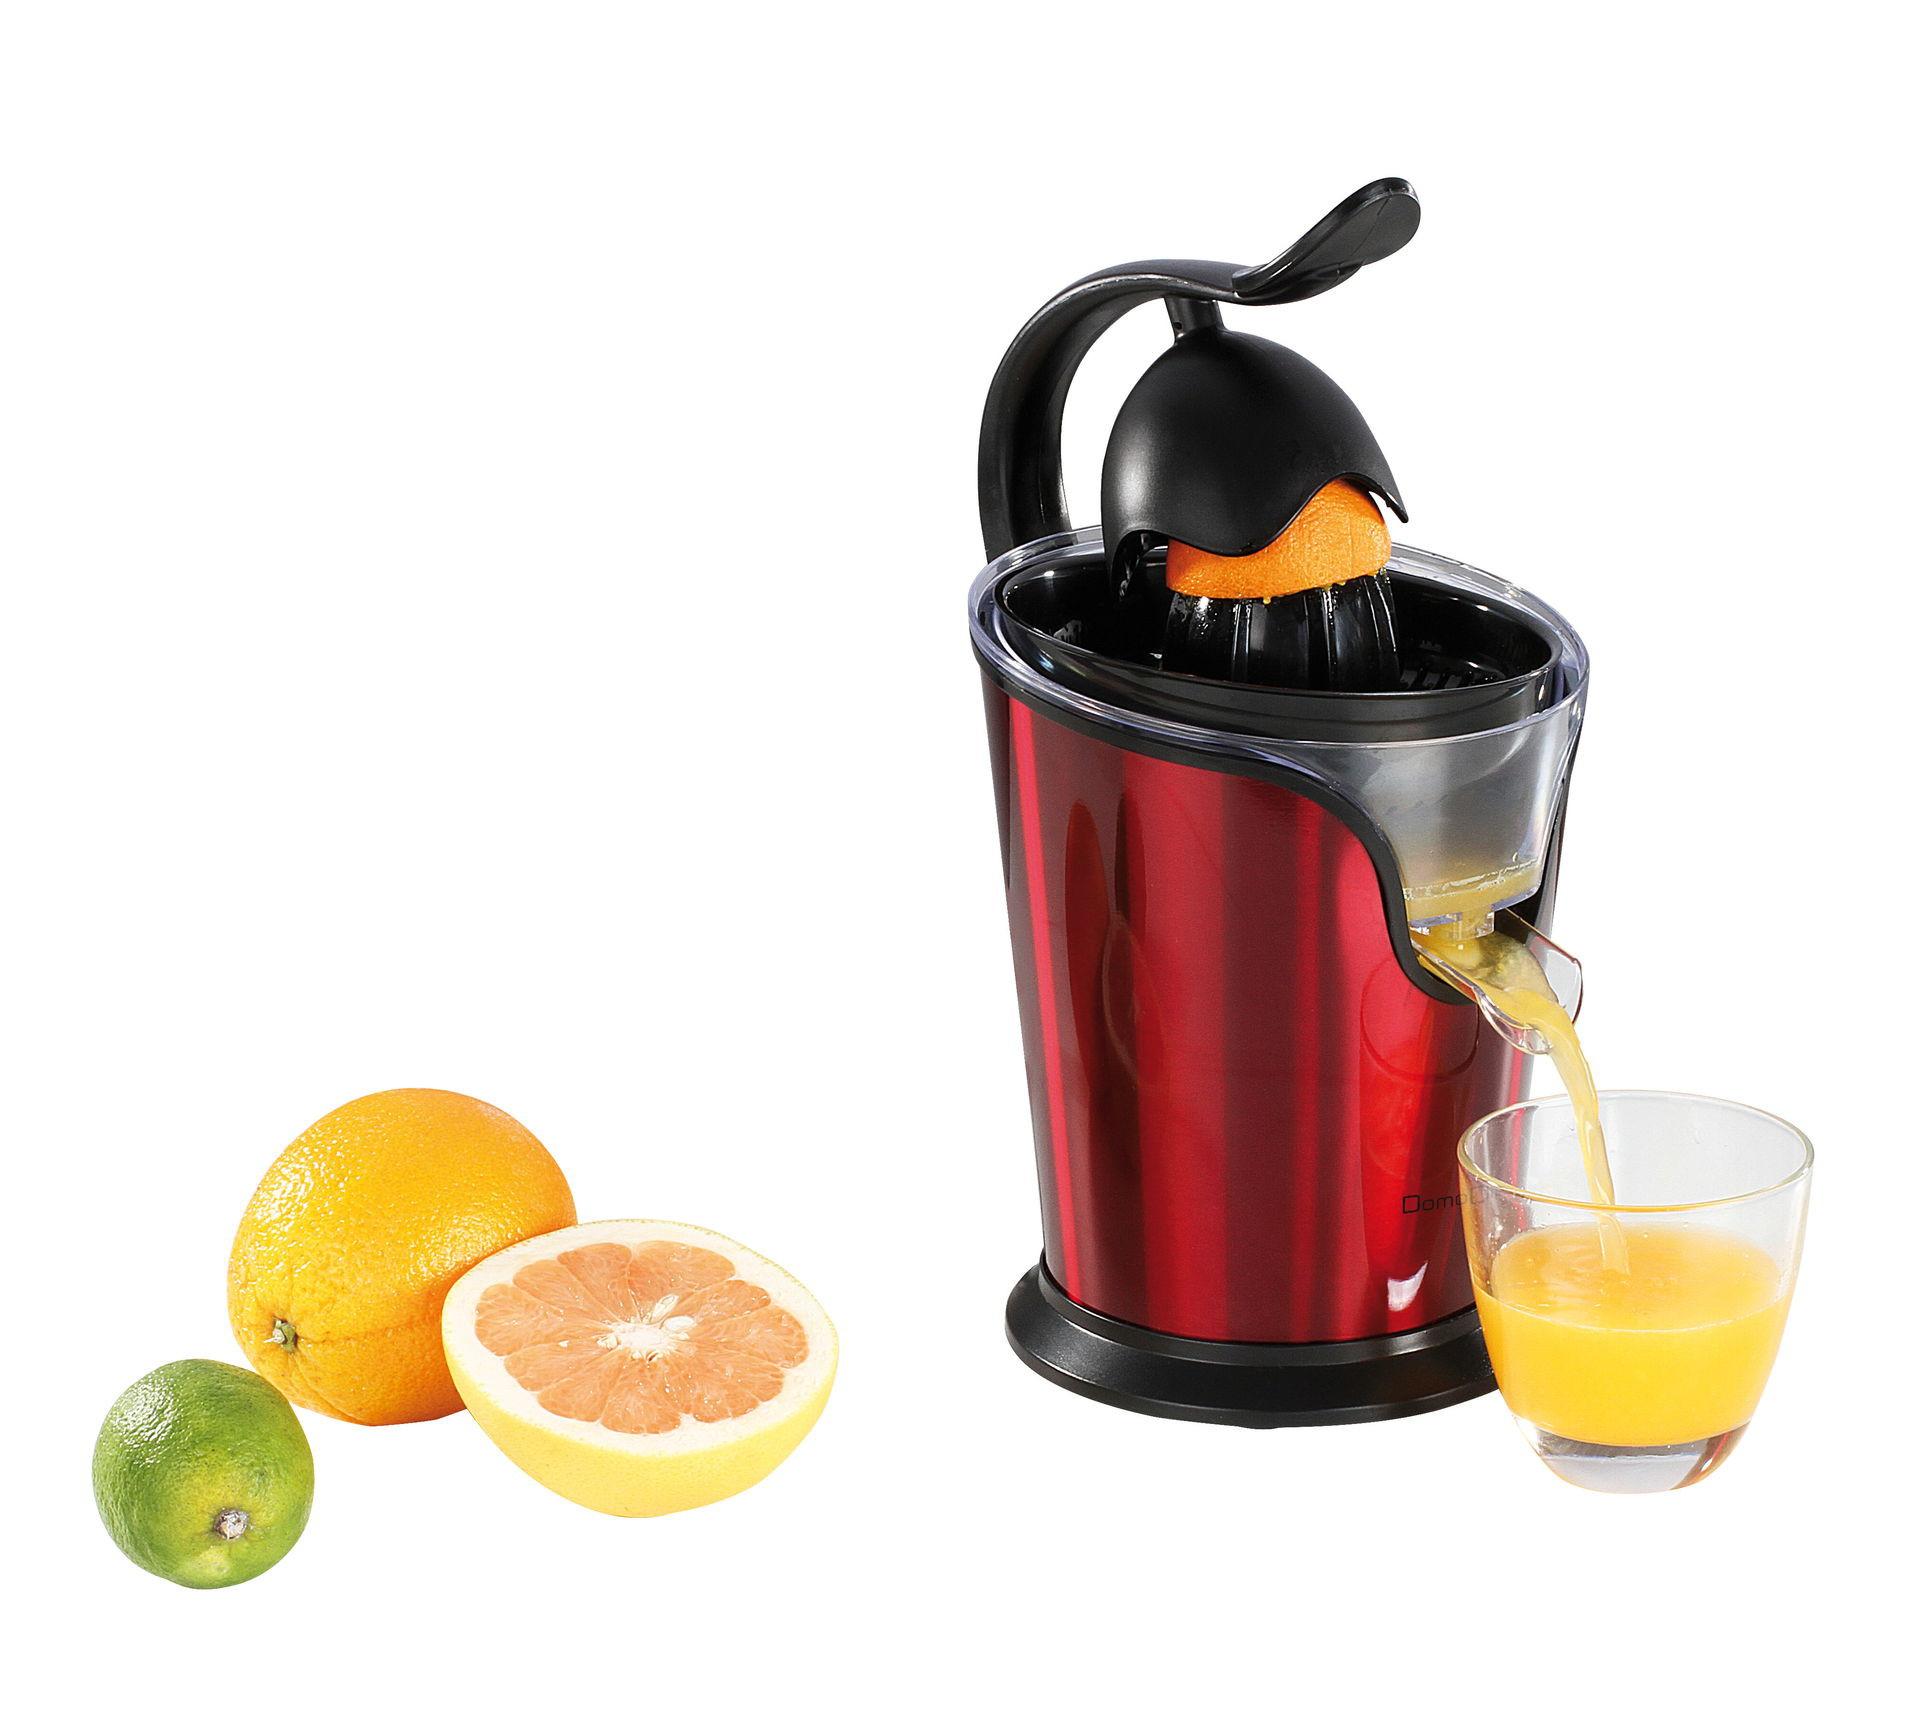 Elektrický odšťavňovač citrusových plodů Livoo DOD125R